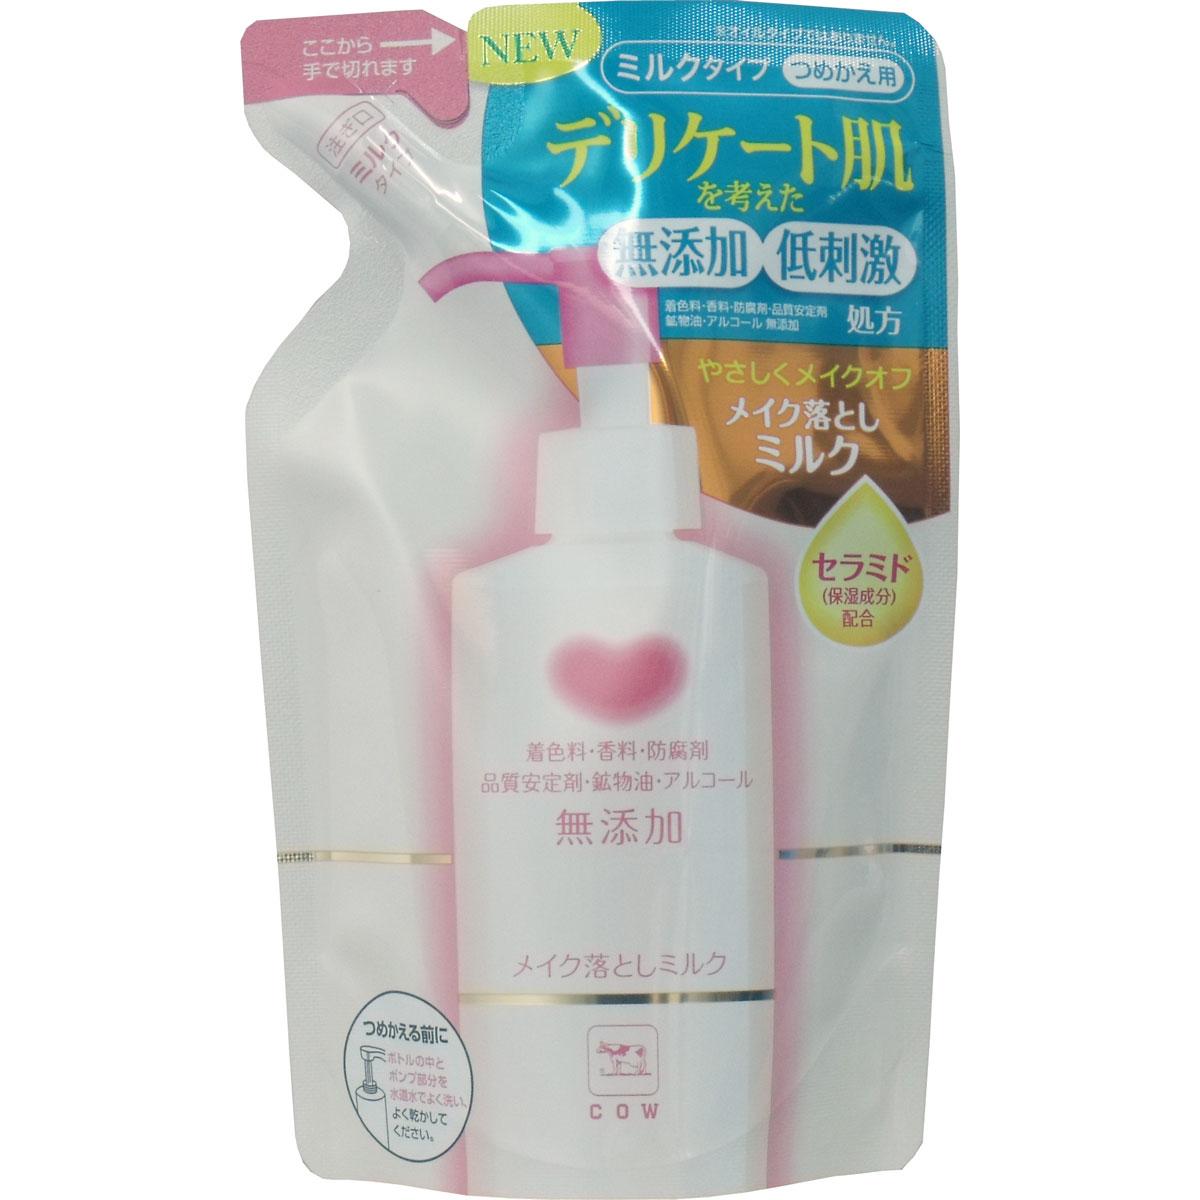 カウブランド 無添加 メイク落としミルク 詰替用 130mL